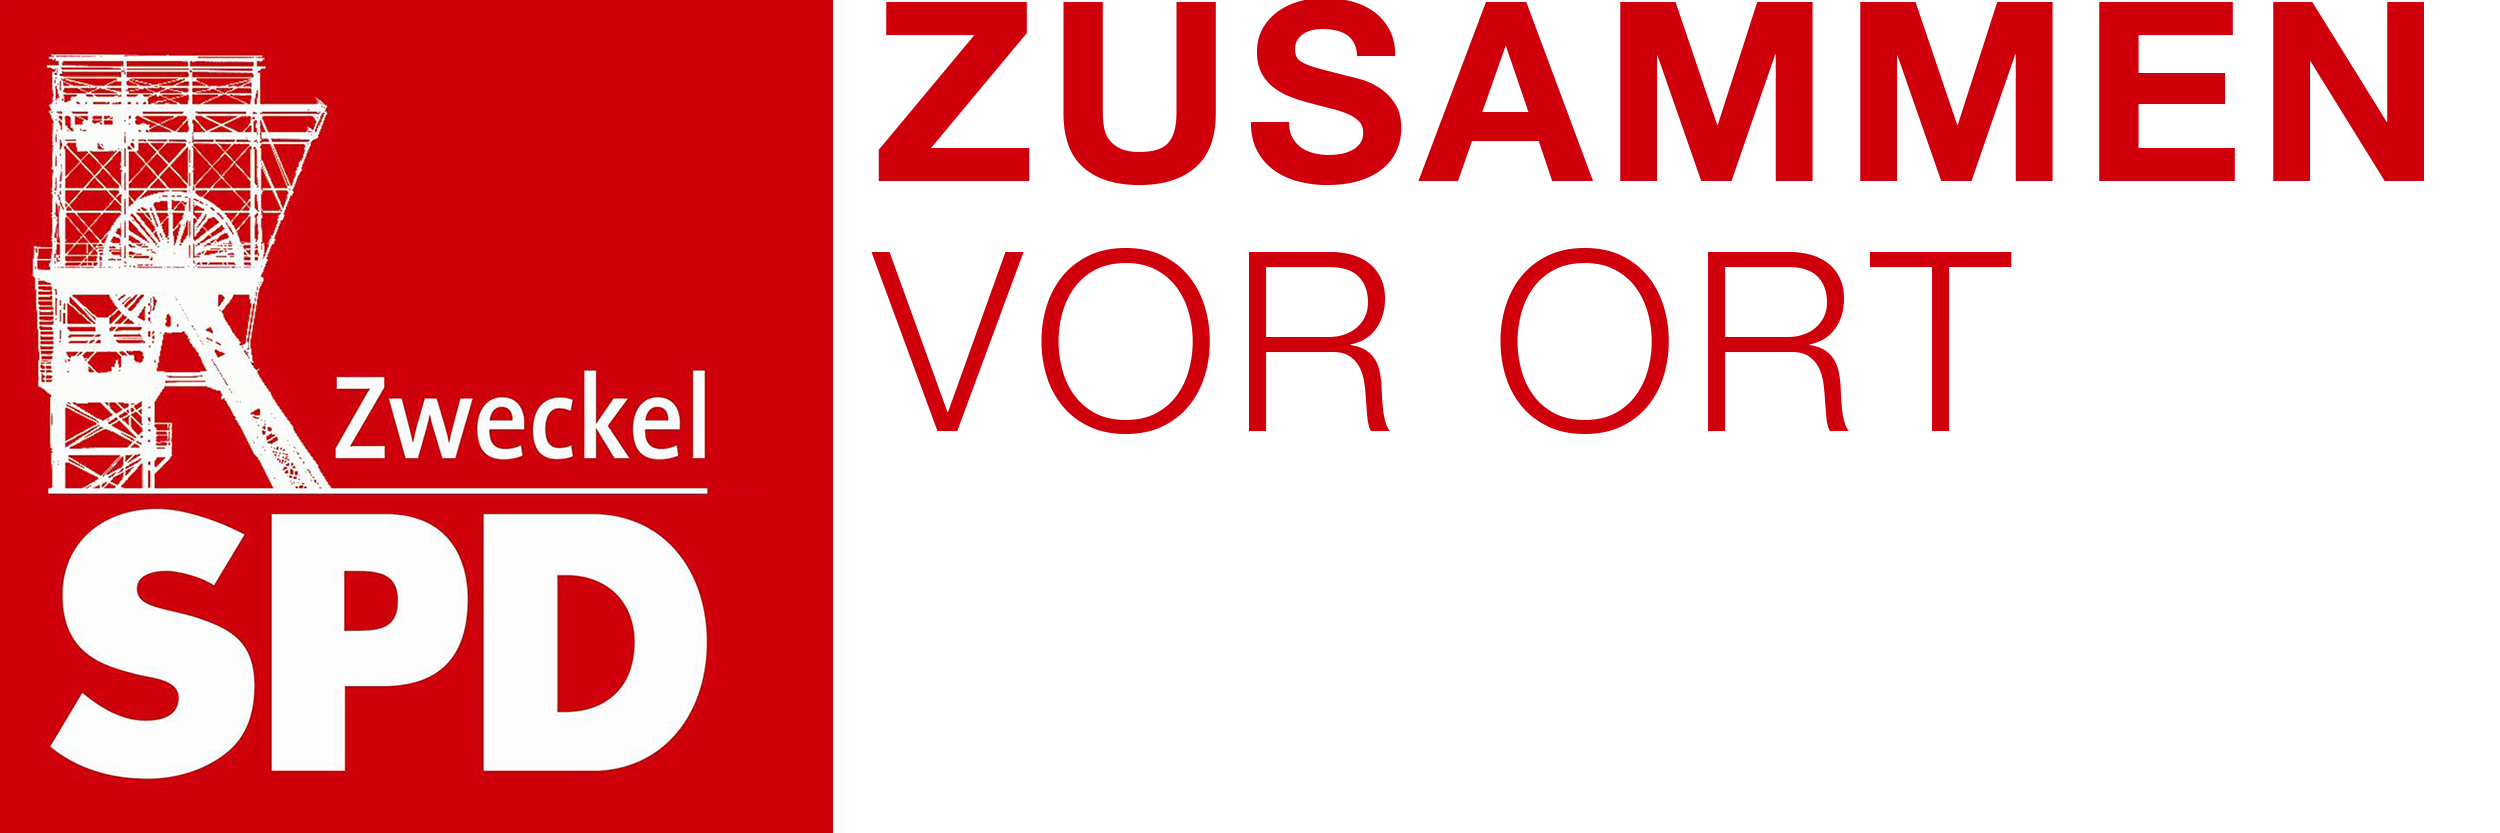 SPD Zweckel